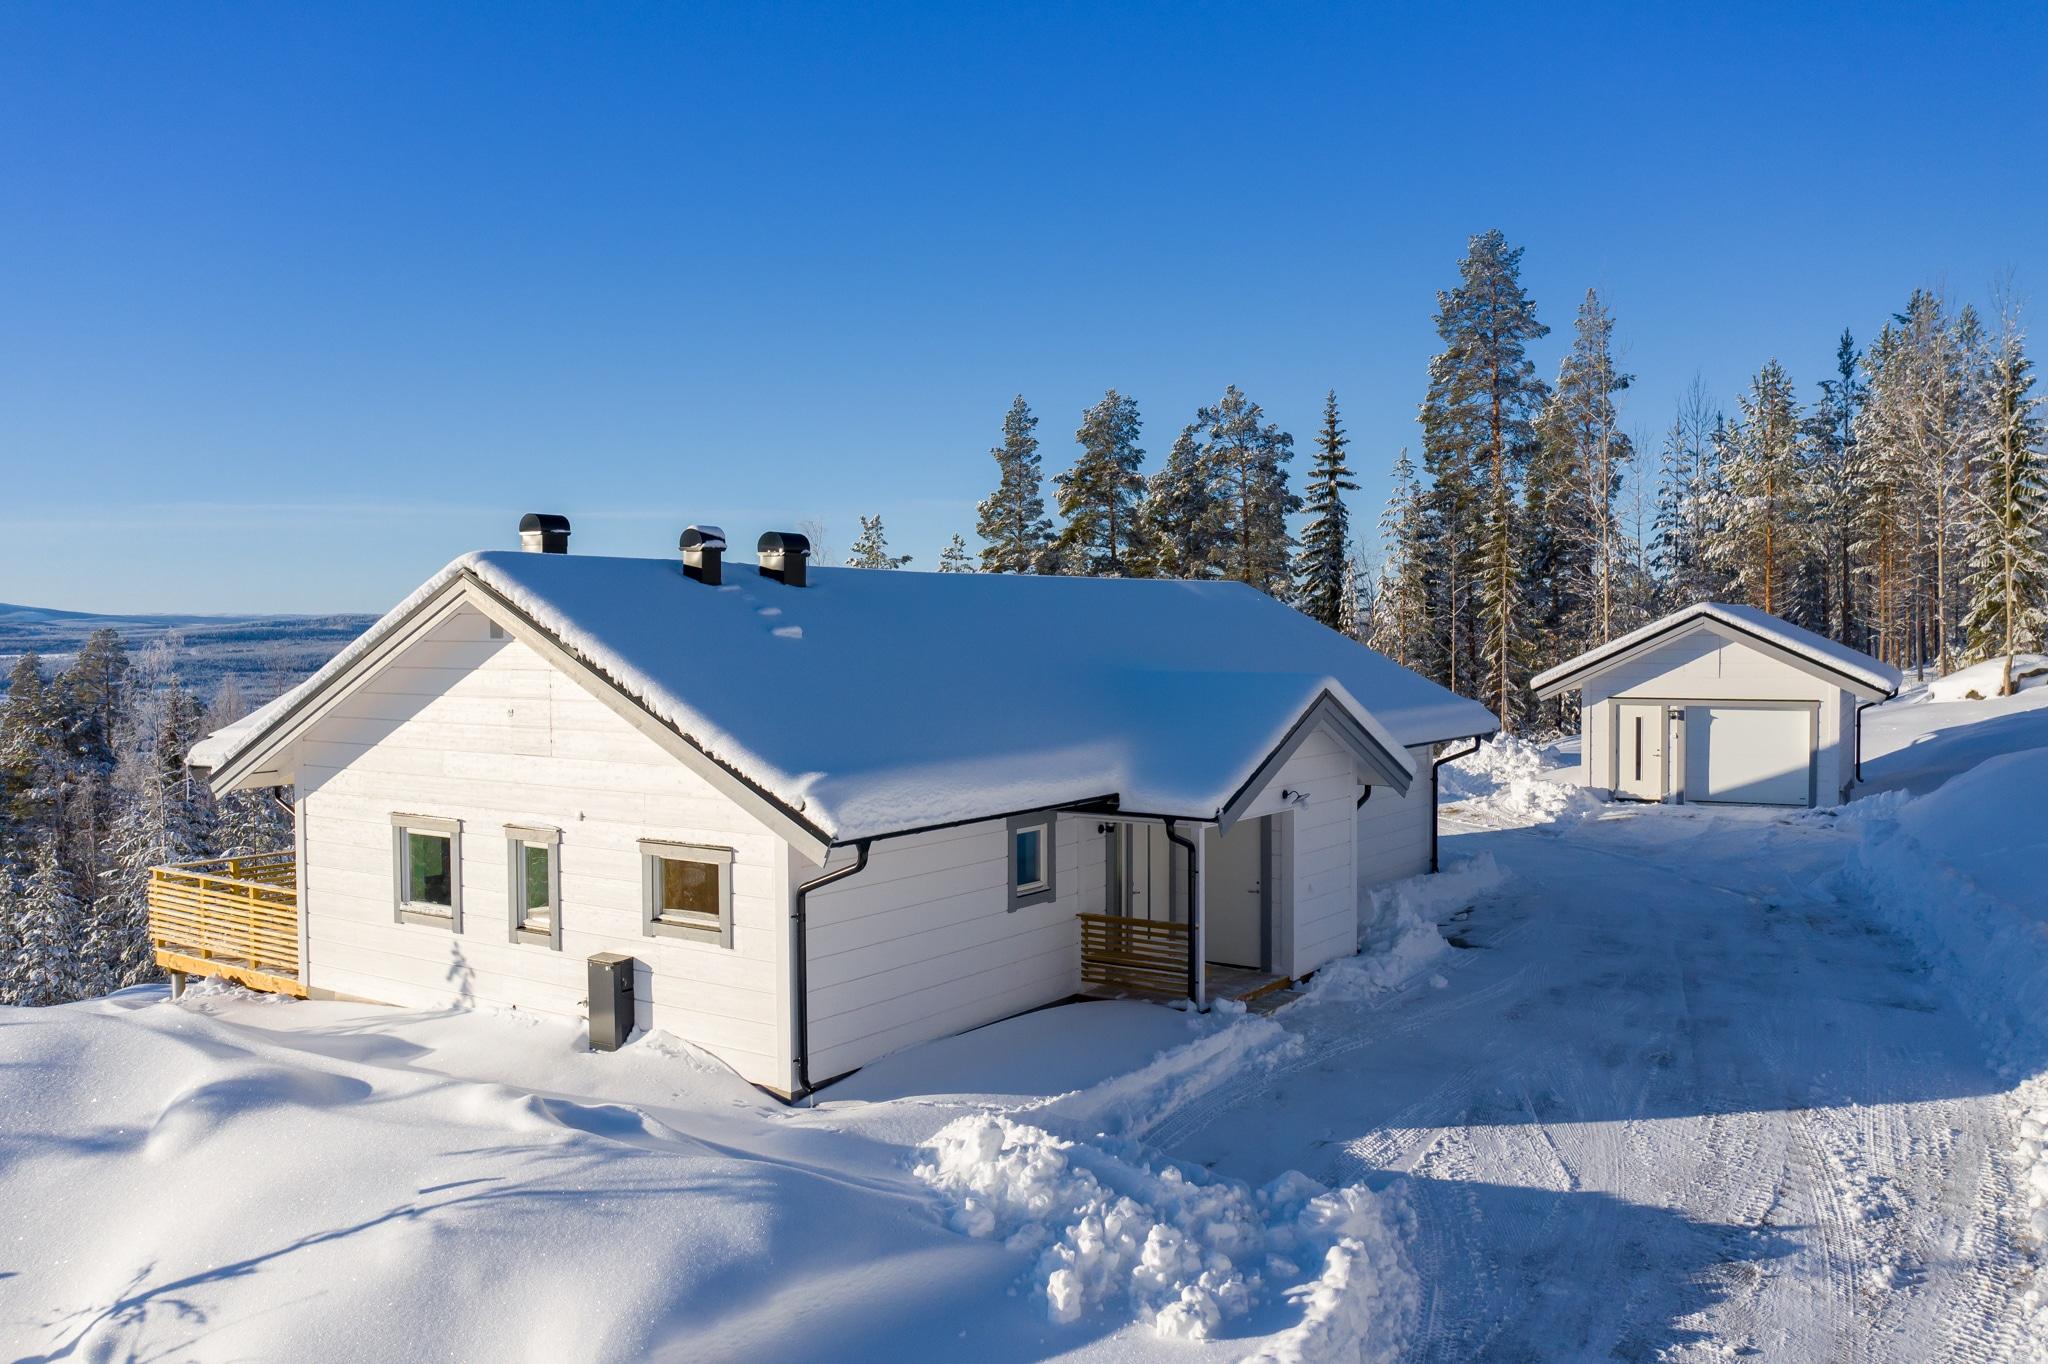 Fotografering för Algot Sandberg Byggare och björnrike.se